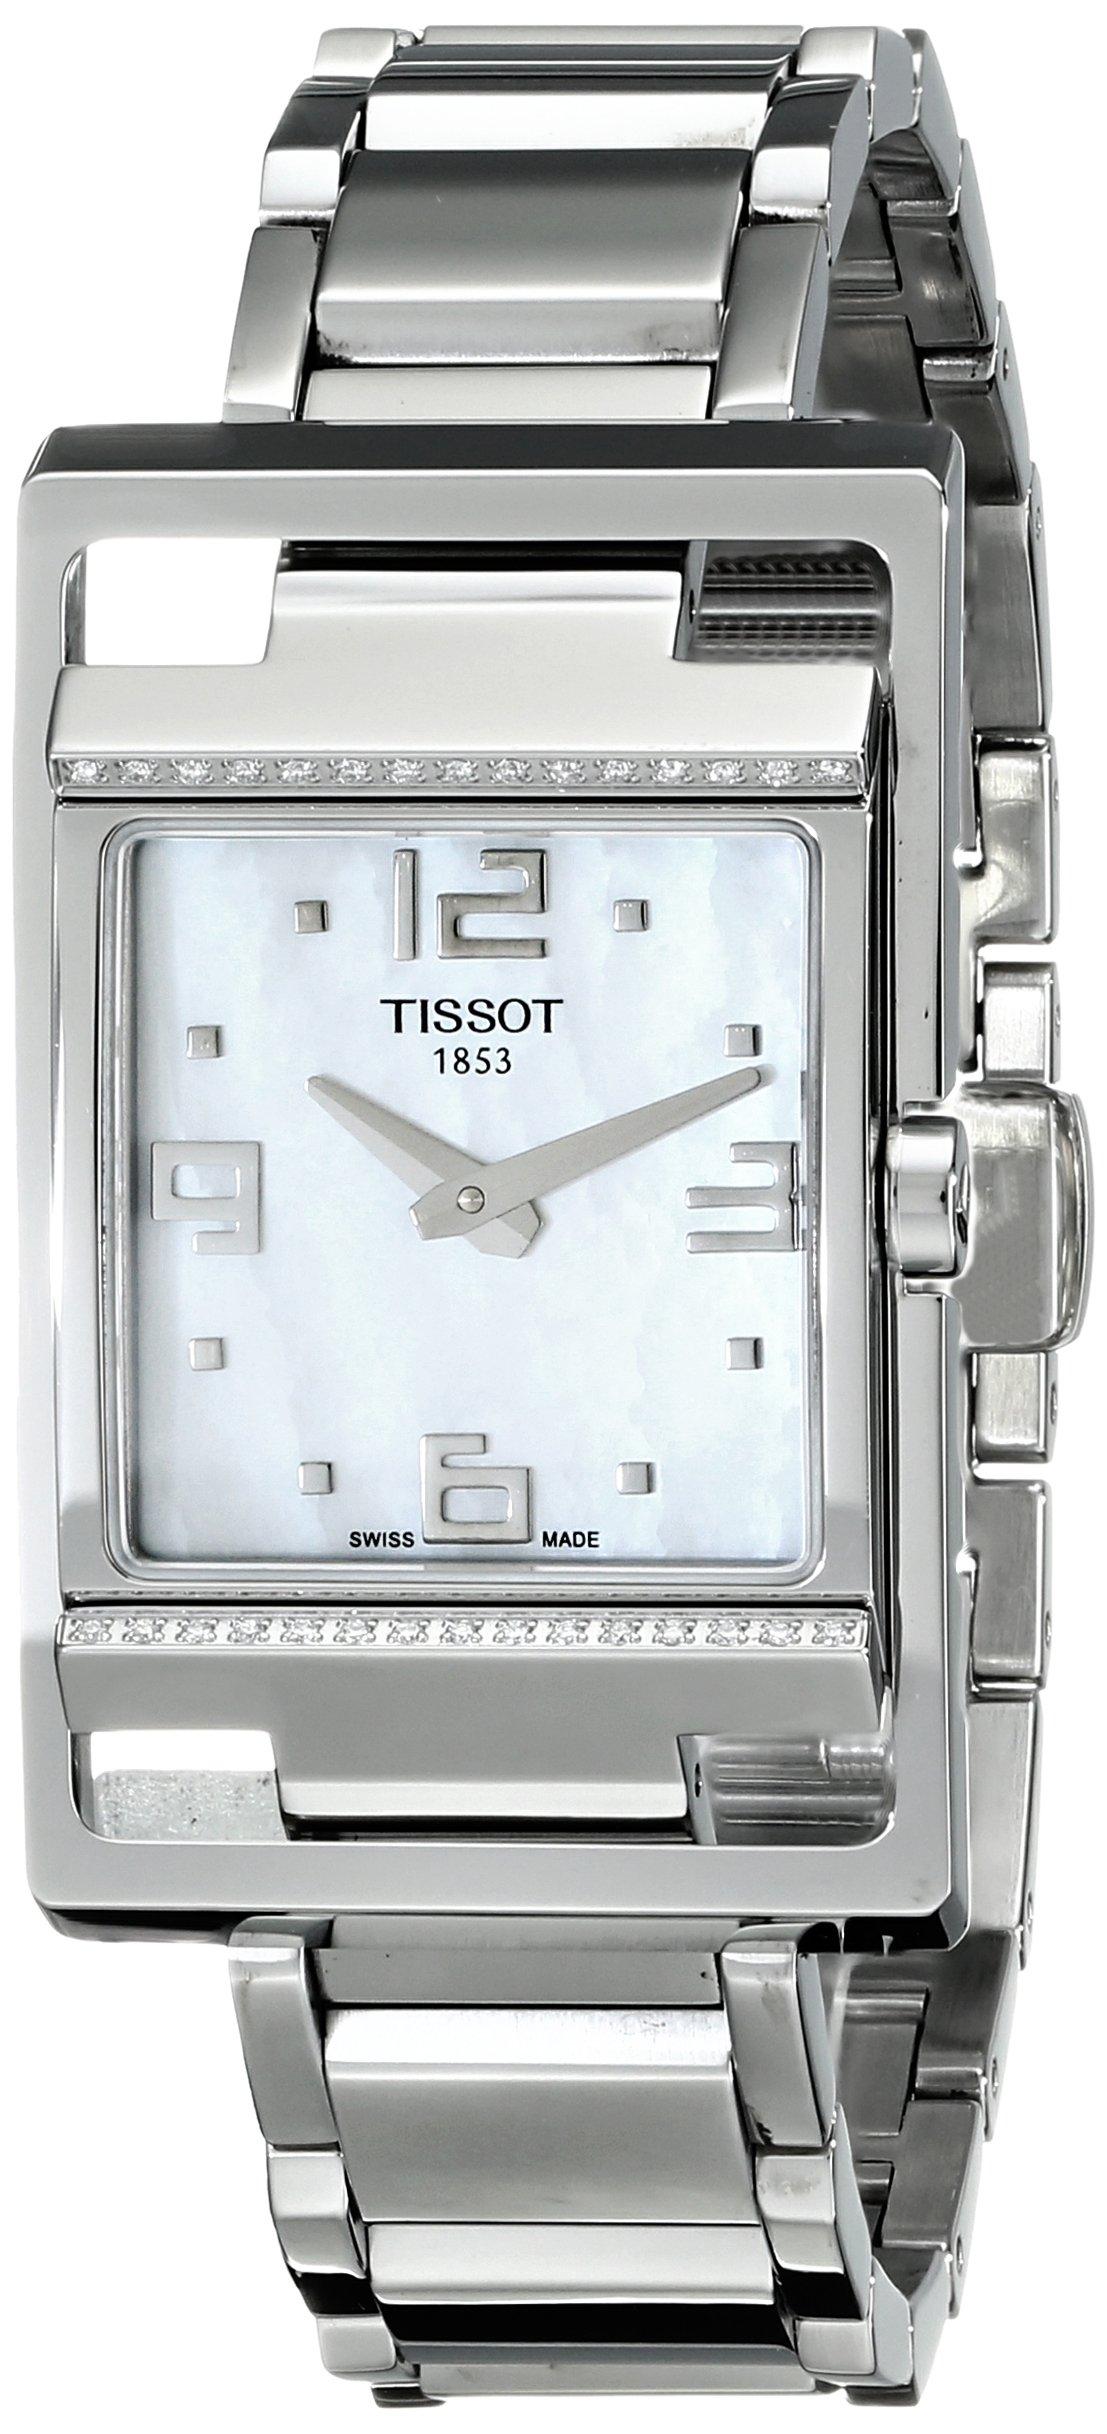 Tissot My T-Square T0323091111701 – Reloj de caballero de cuarzo, correa de acero inoxidable color plata